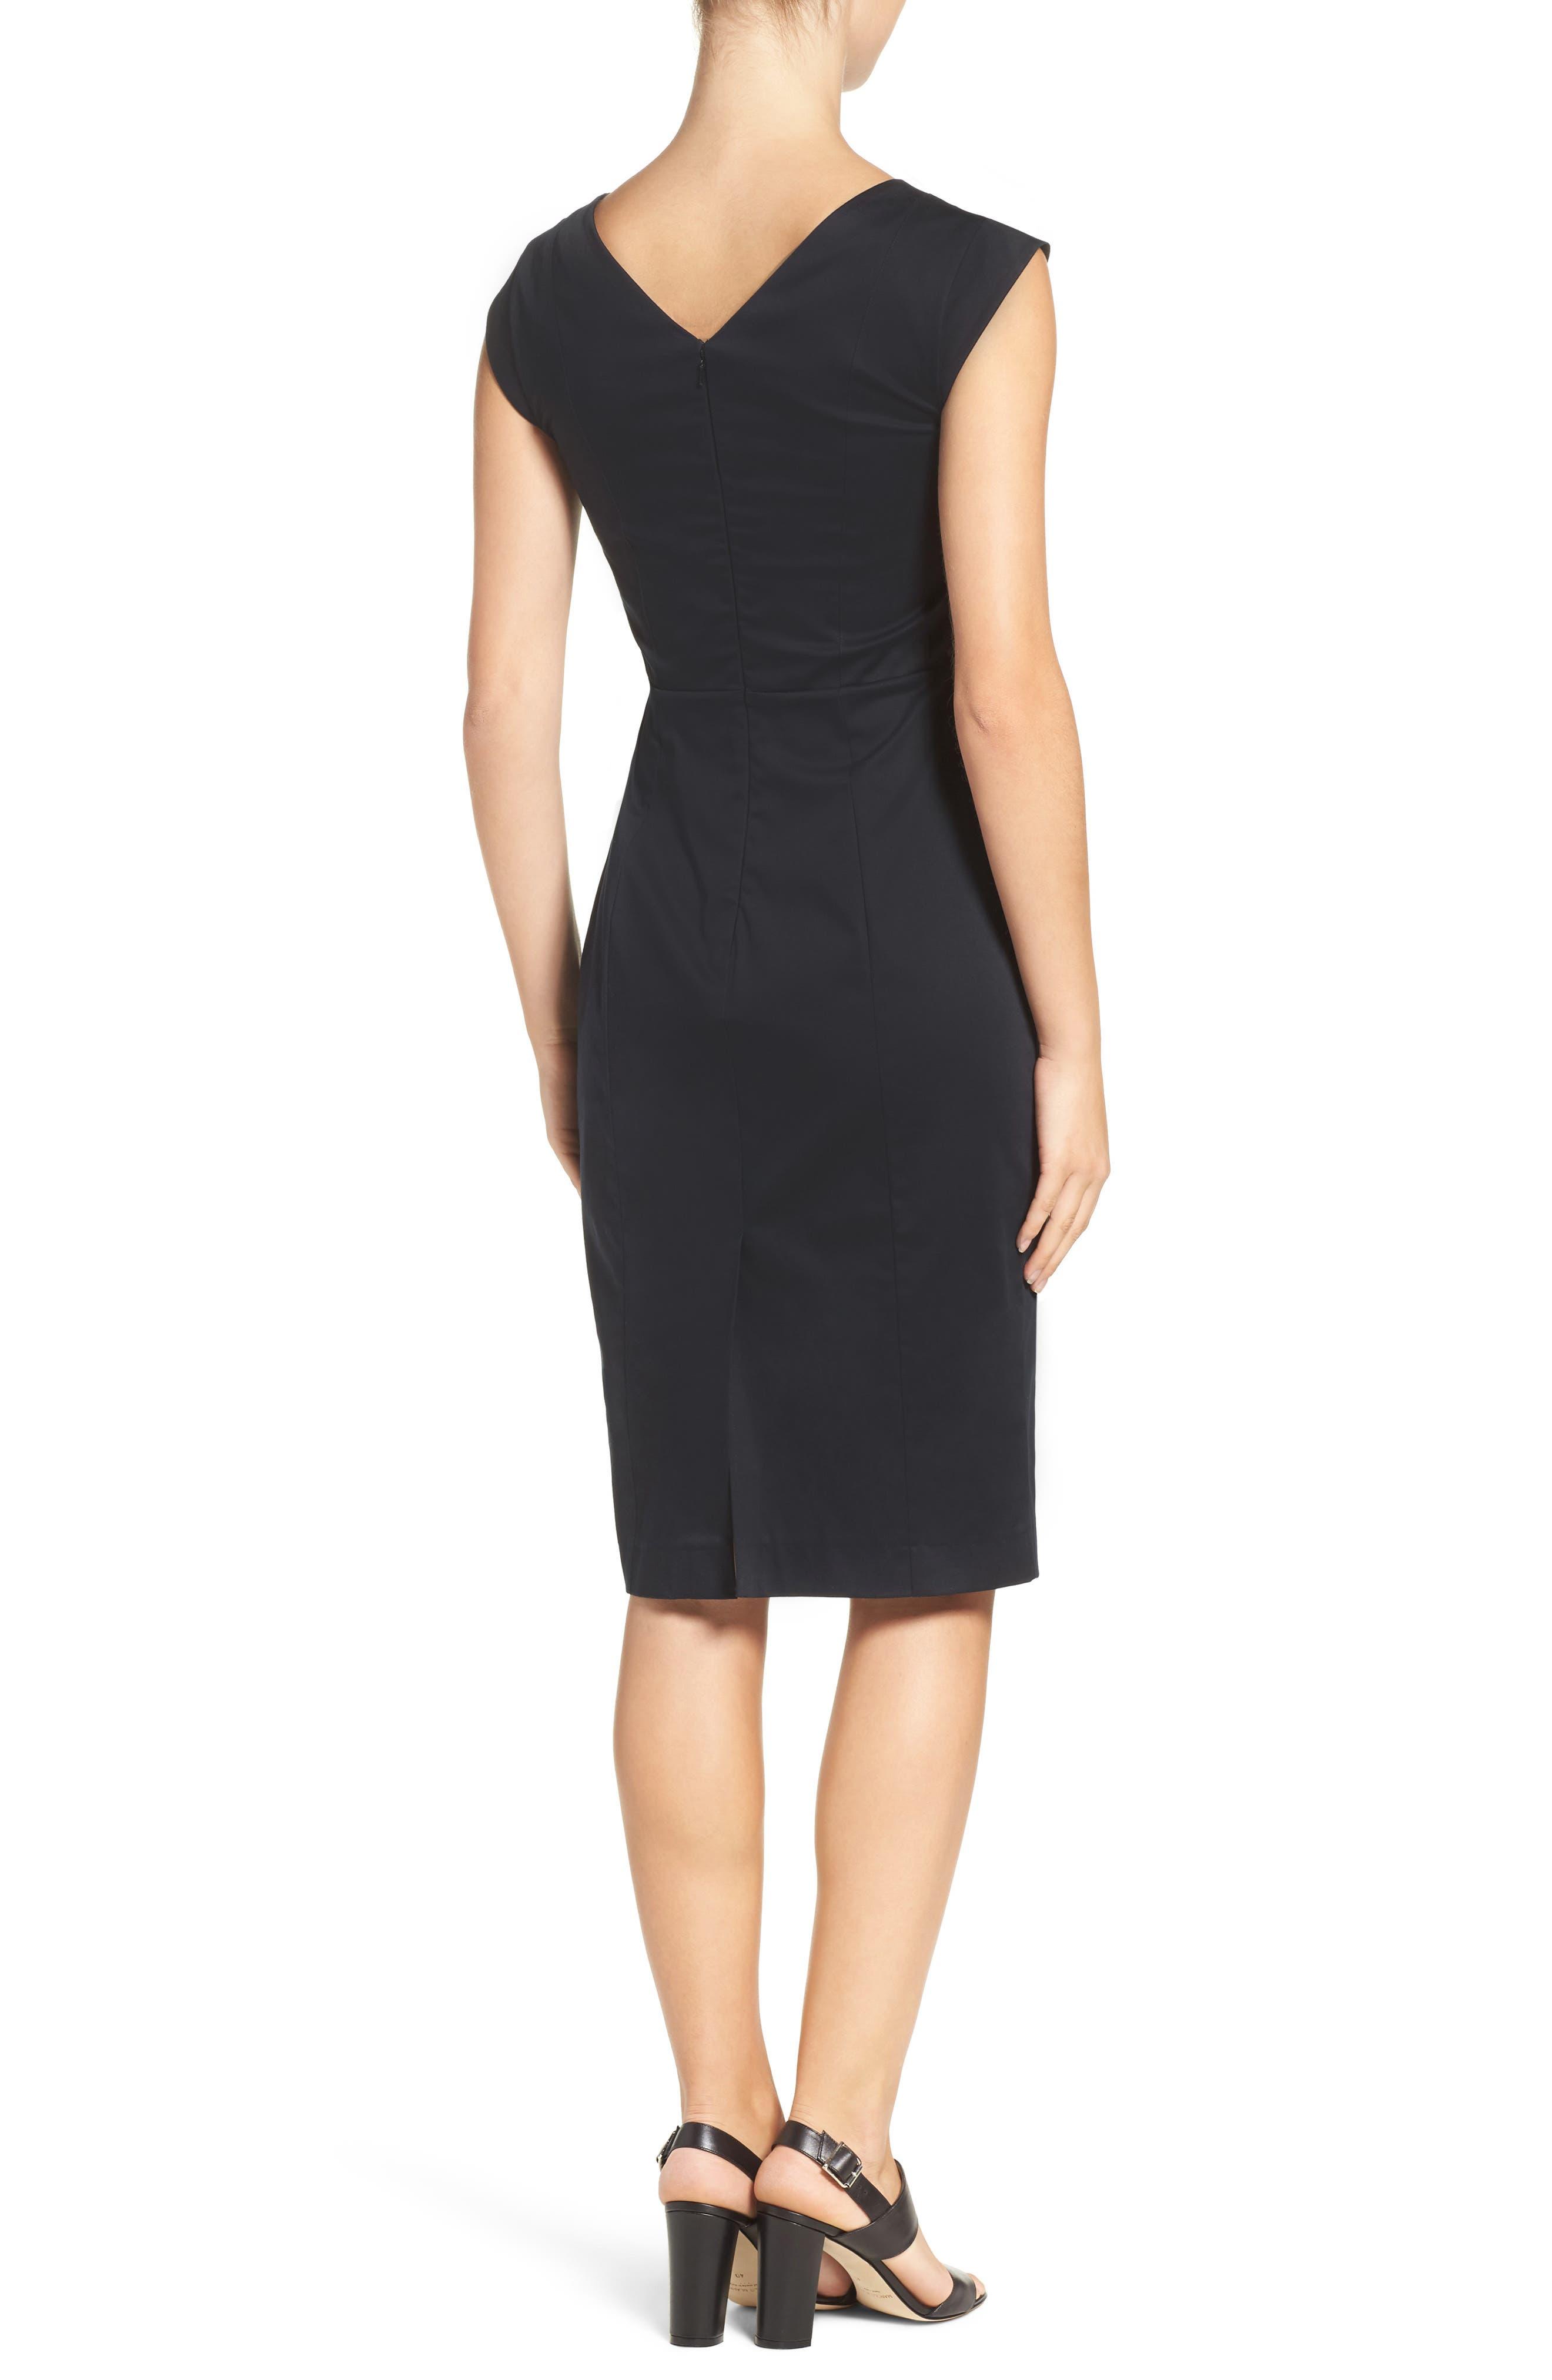 'Estelle' Cutout Cotton Blend Sheath Dress,                             Alternate thumbnail 2, color,                             Black/ Black